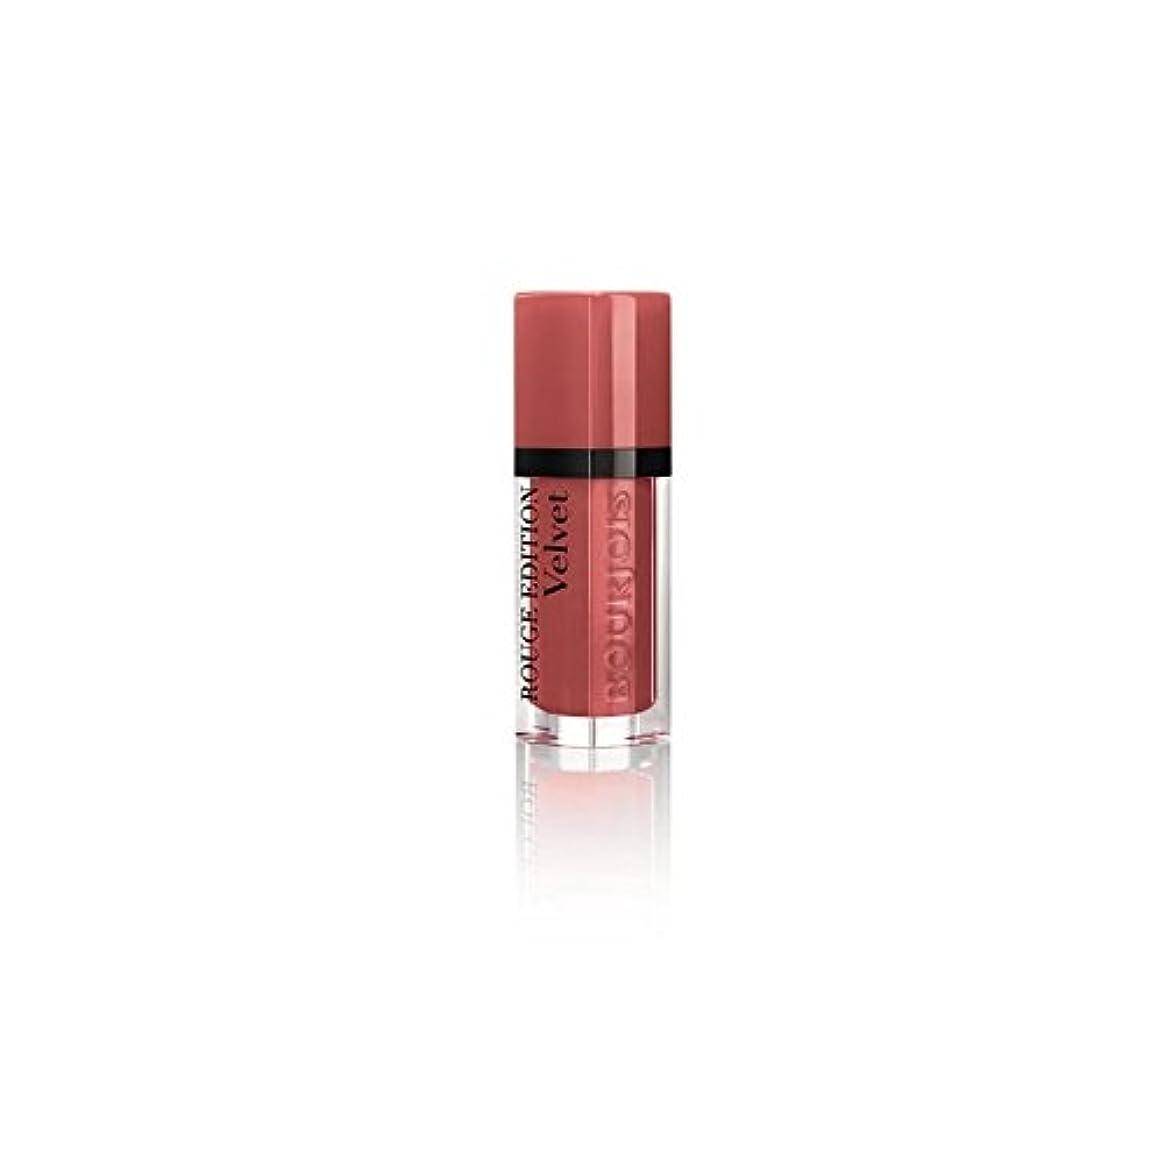 信条ありがたいマダムBourjois Rouge Edition Velvet Lipstick Beau Brun T12 (Pack of 6) - ブルジョワルージュ版ベルベットの口紅ボウ?ブラン 12 x6 [並行輸入品]